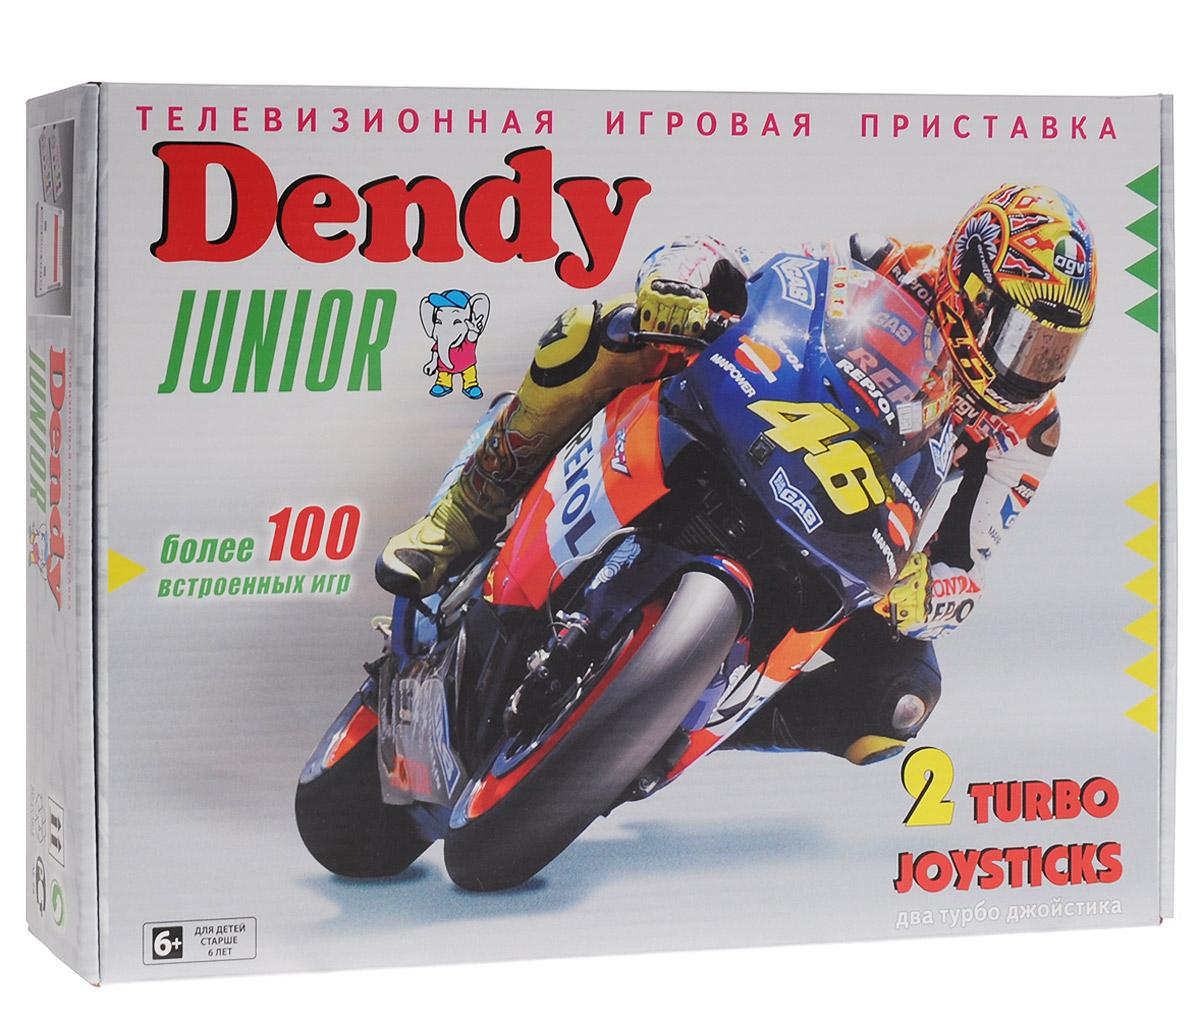 Игровая приставка Dendy Junior (8 bit)